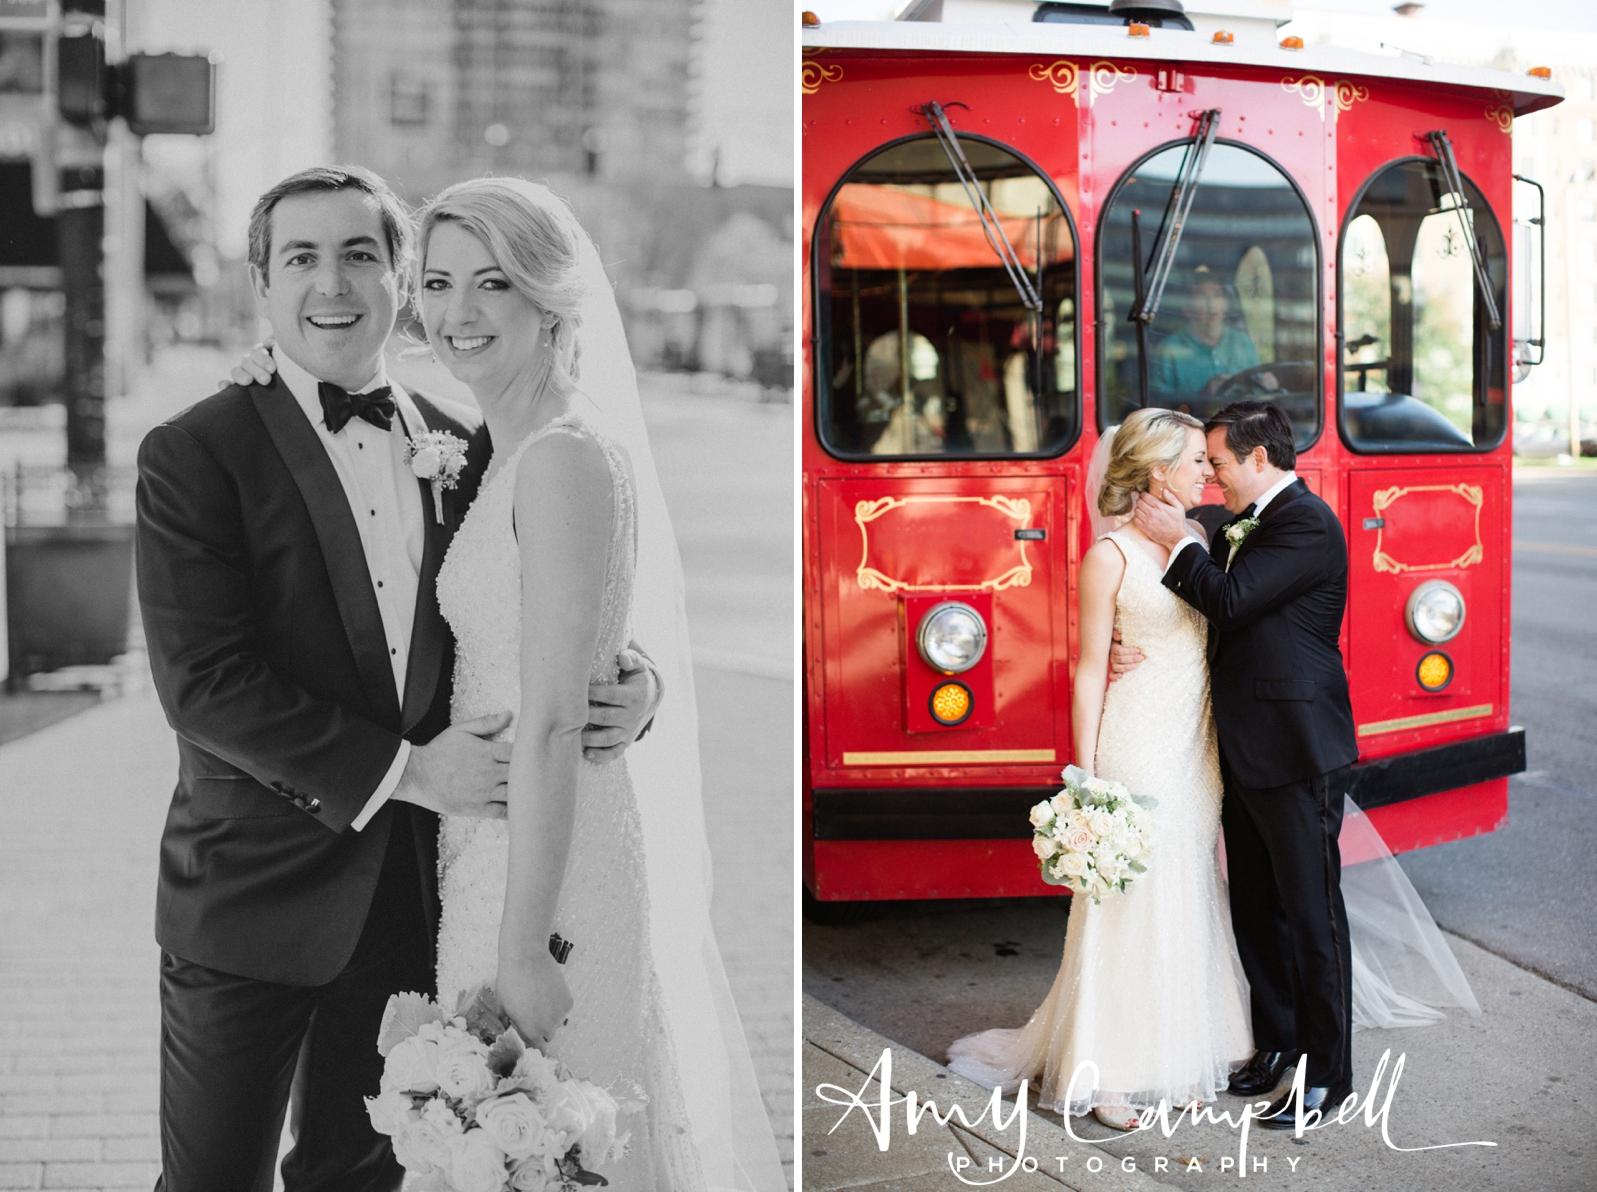 emmakyle_wedding_fb_amycampbellphotography_0021.jpg